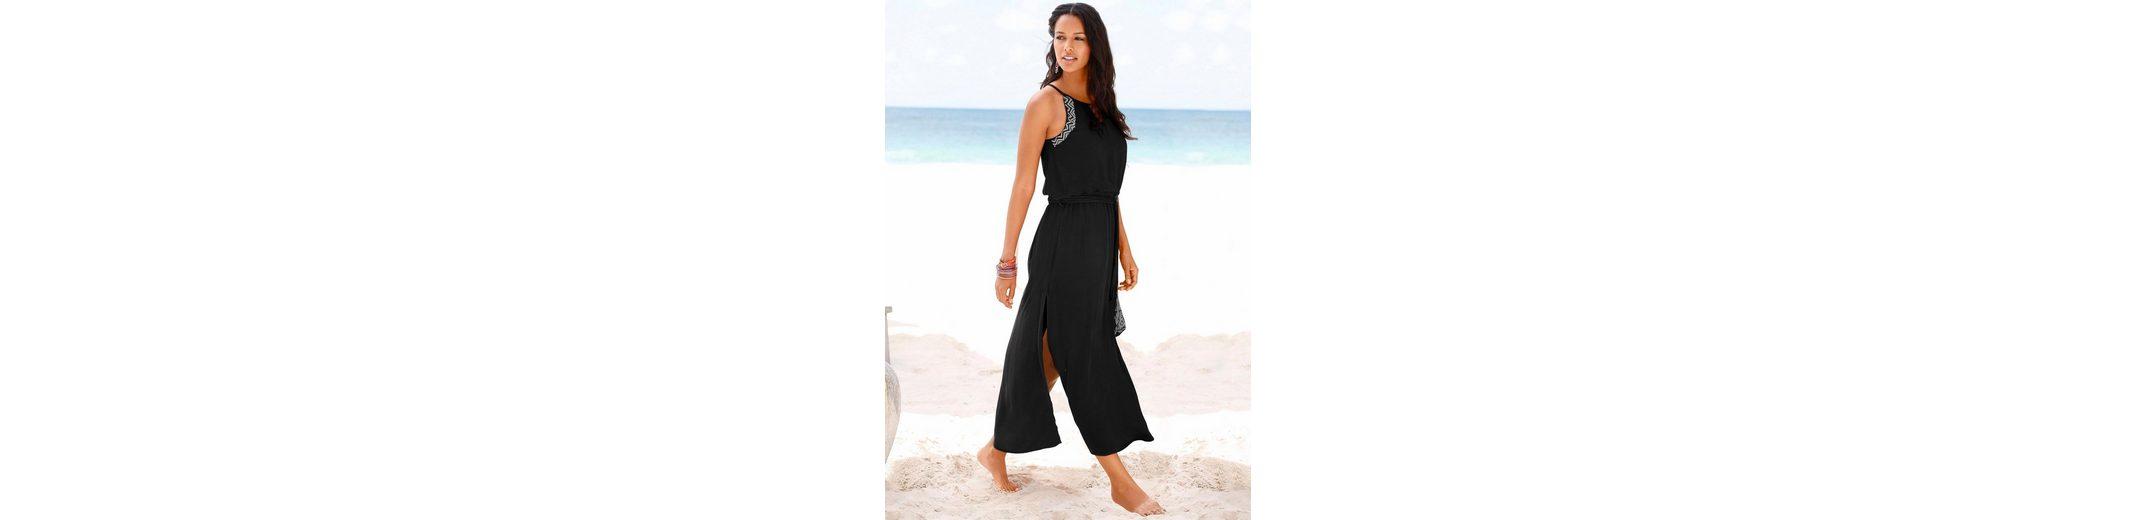 Günstiger Online-Shop s.Oliver RED LABEL Beachwear Maxikleid Auslass Bestseller Günstig Kaufen Vermarktbare BI7qAudl